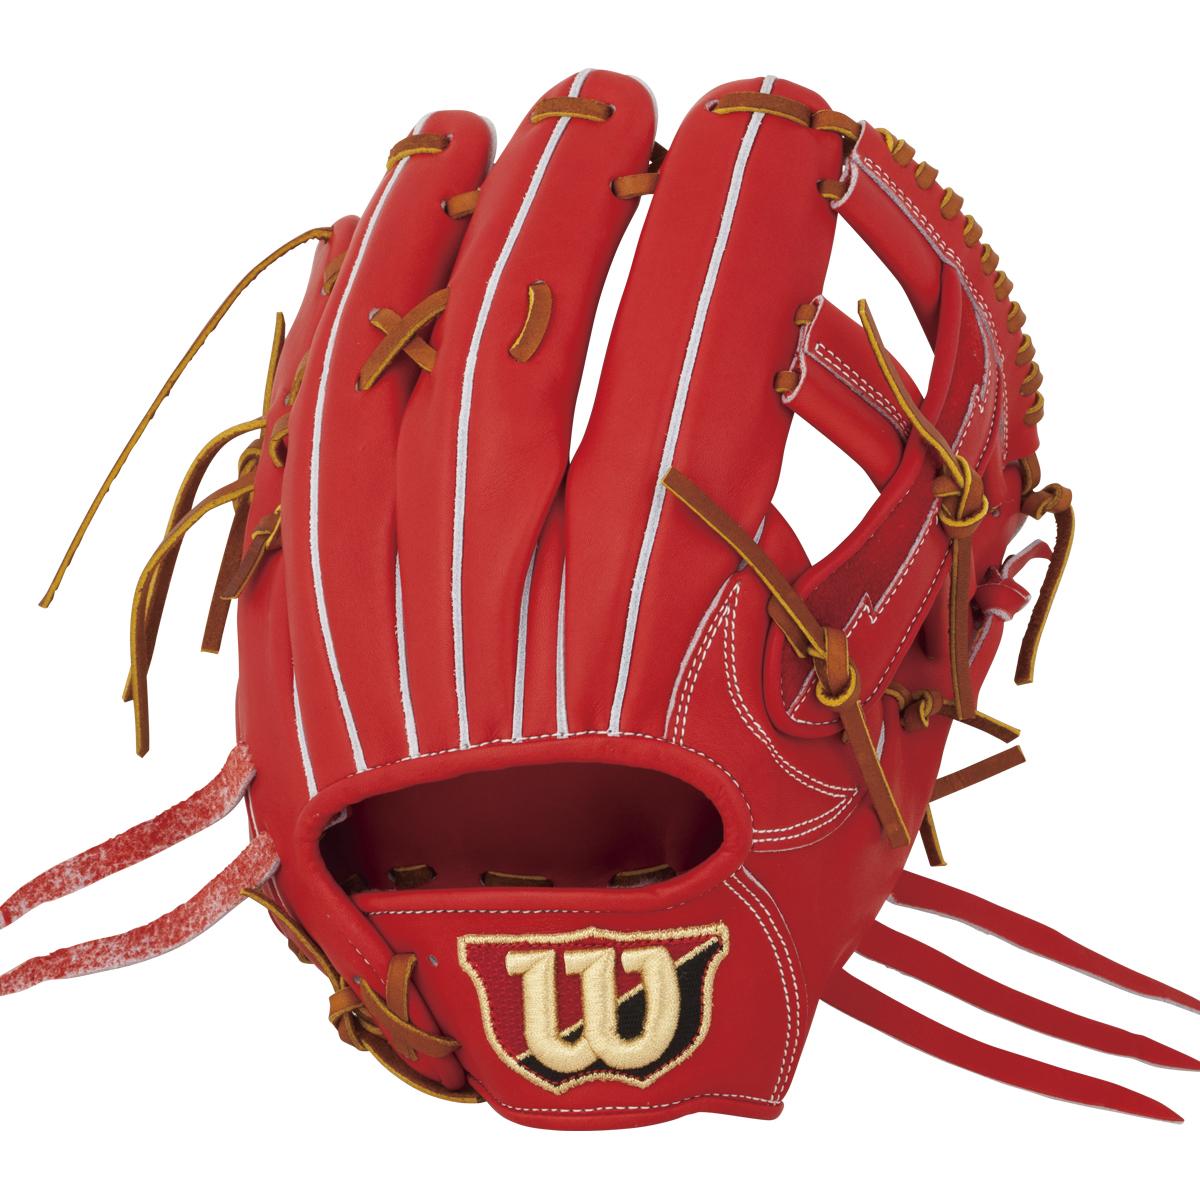 ウイルソン(wilson)W/S 一般硬式野球用 内野手用グラブ(右投げ)(18ss) Eオレンジ WTAHWR47T-22 野球用品